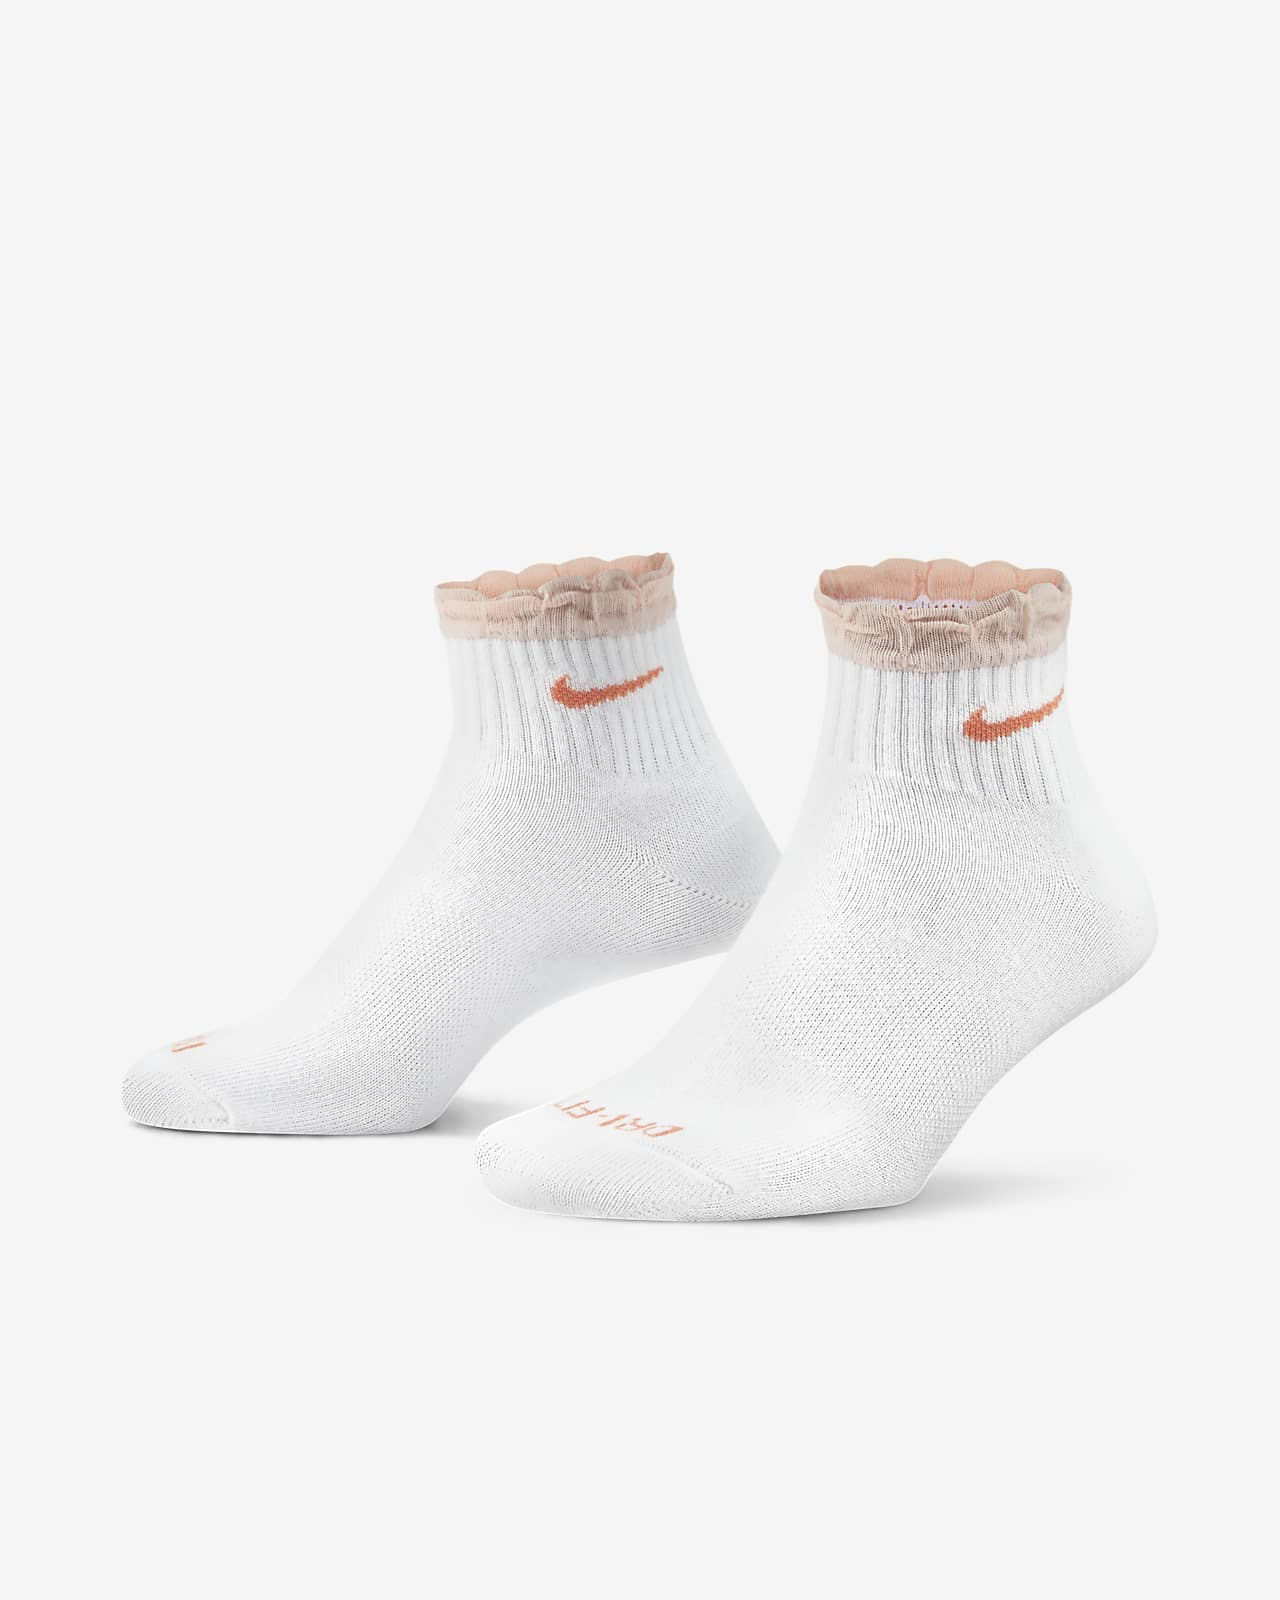 Γυναικείες κάλτσες προπόνησης μέχρι τον αστράγαλο Nike Everyday